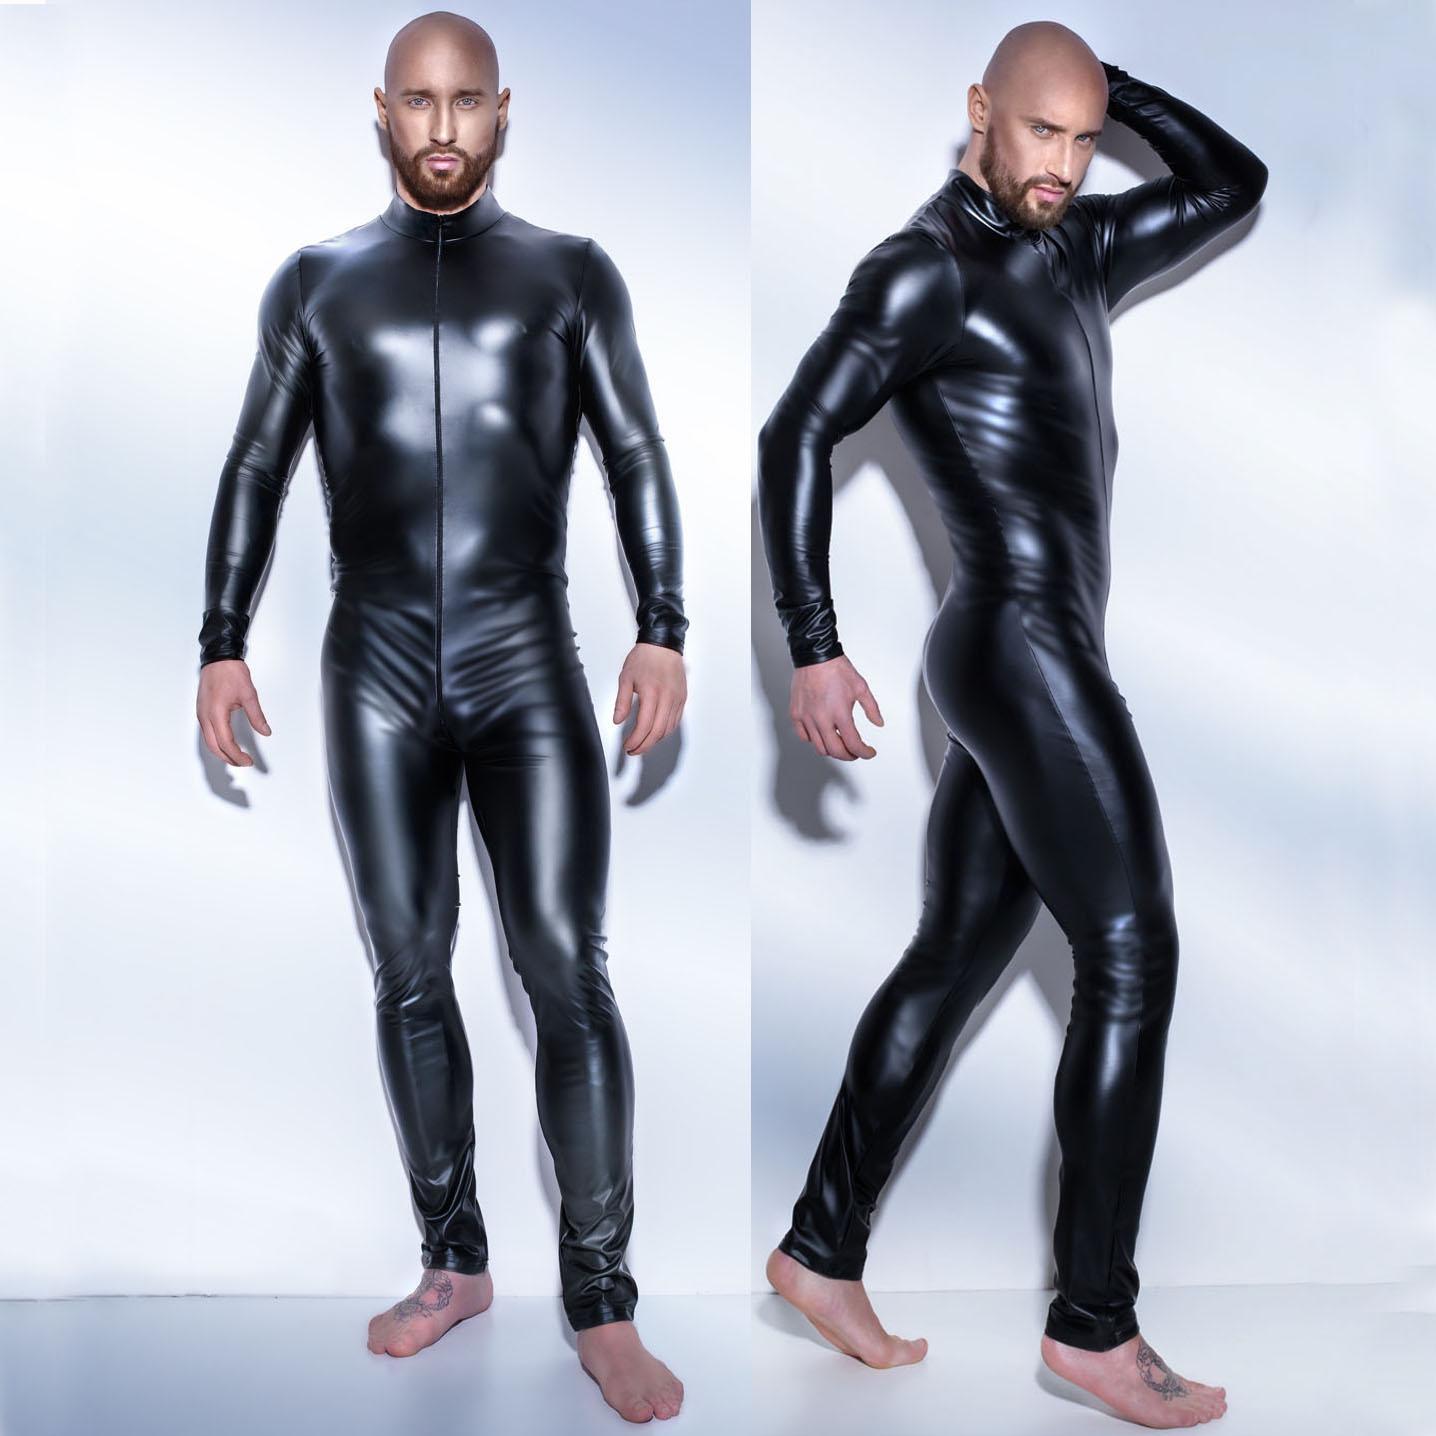 欧美男士黑色皮革连体紧身游戏制服夜店派对DS肌肉男模舞台走秀服